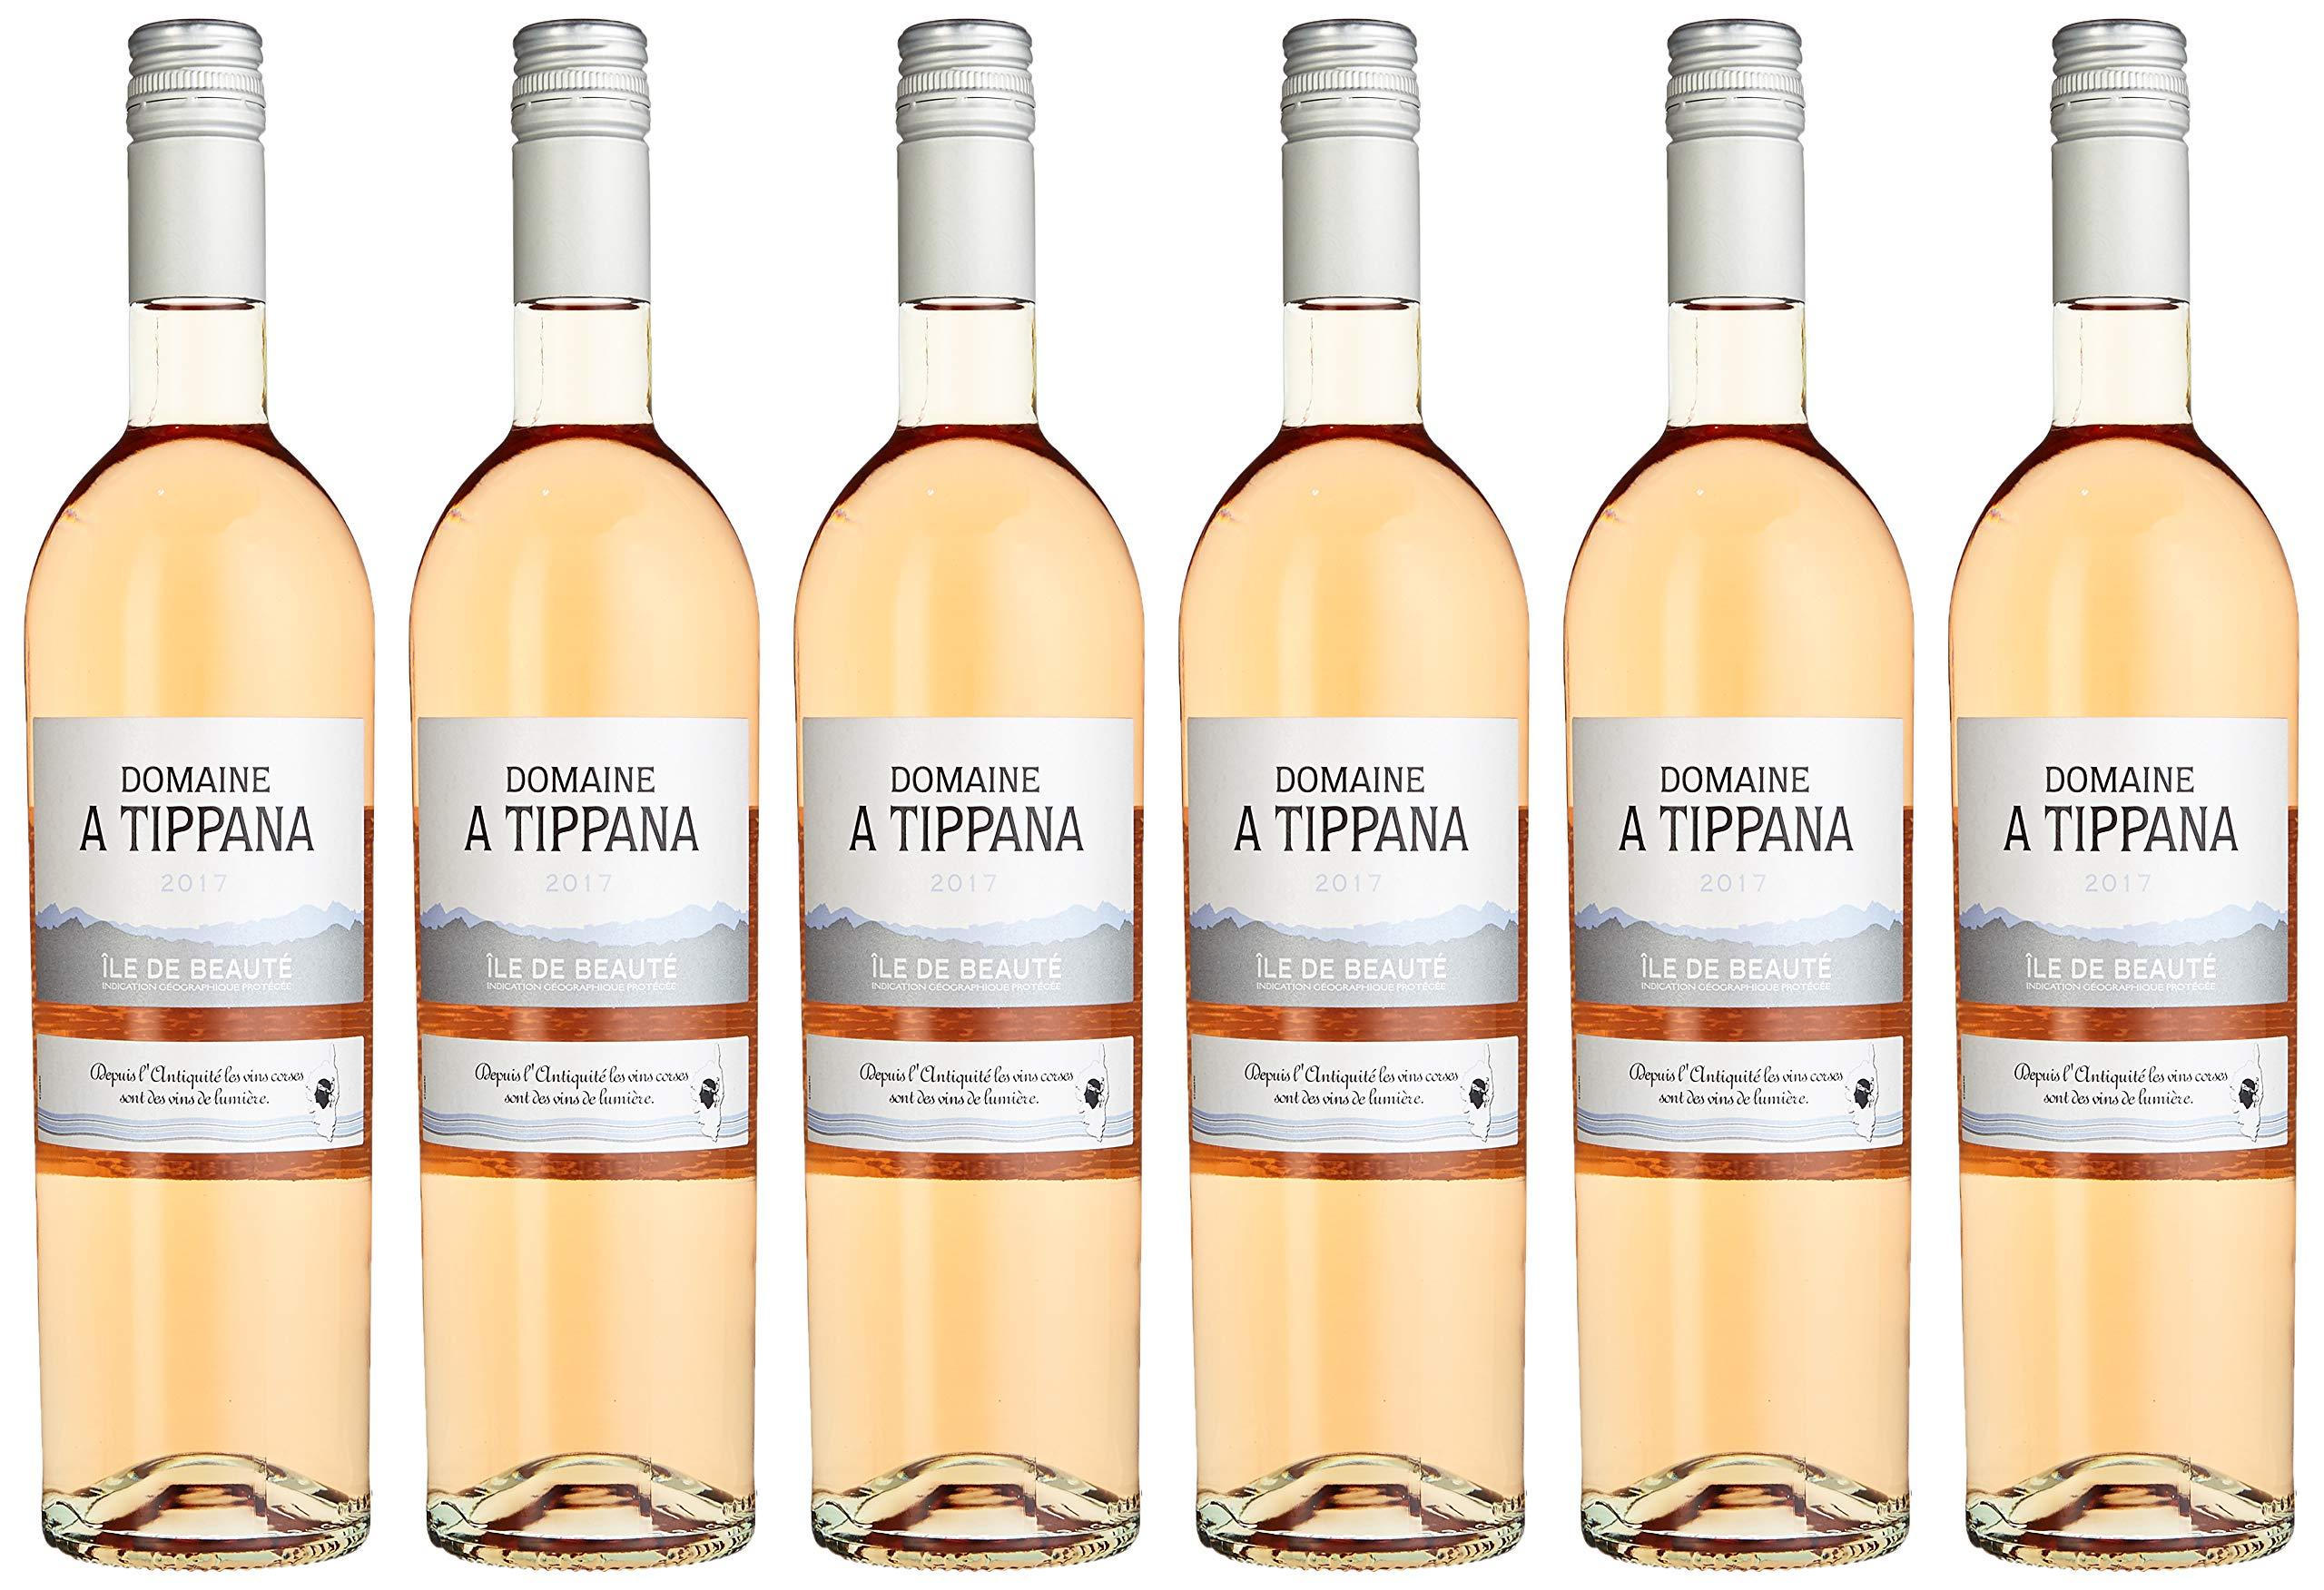 Domaine-A-Tippana-IGP-Pays-de-lIle-de-Beaut-6-x-075-l